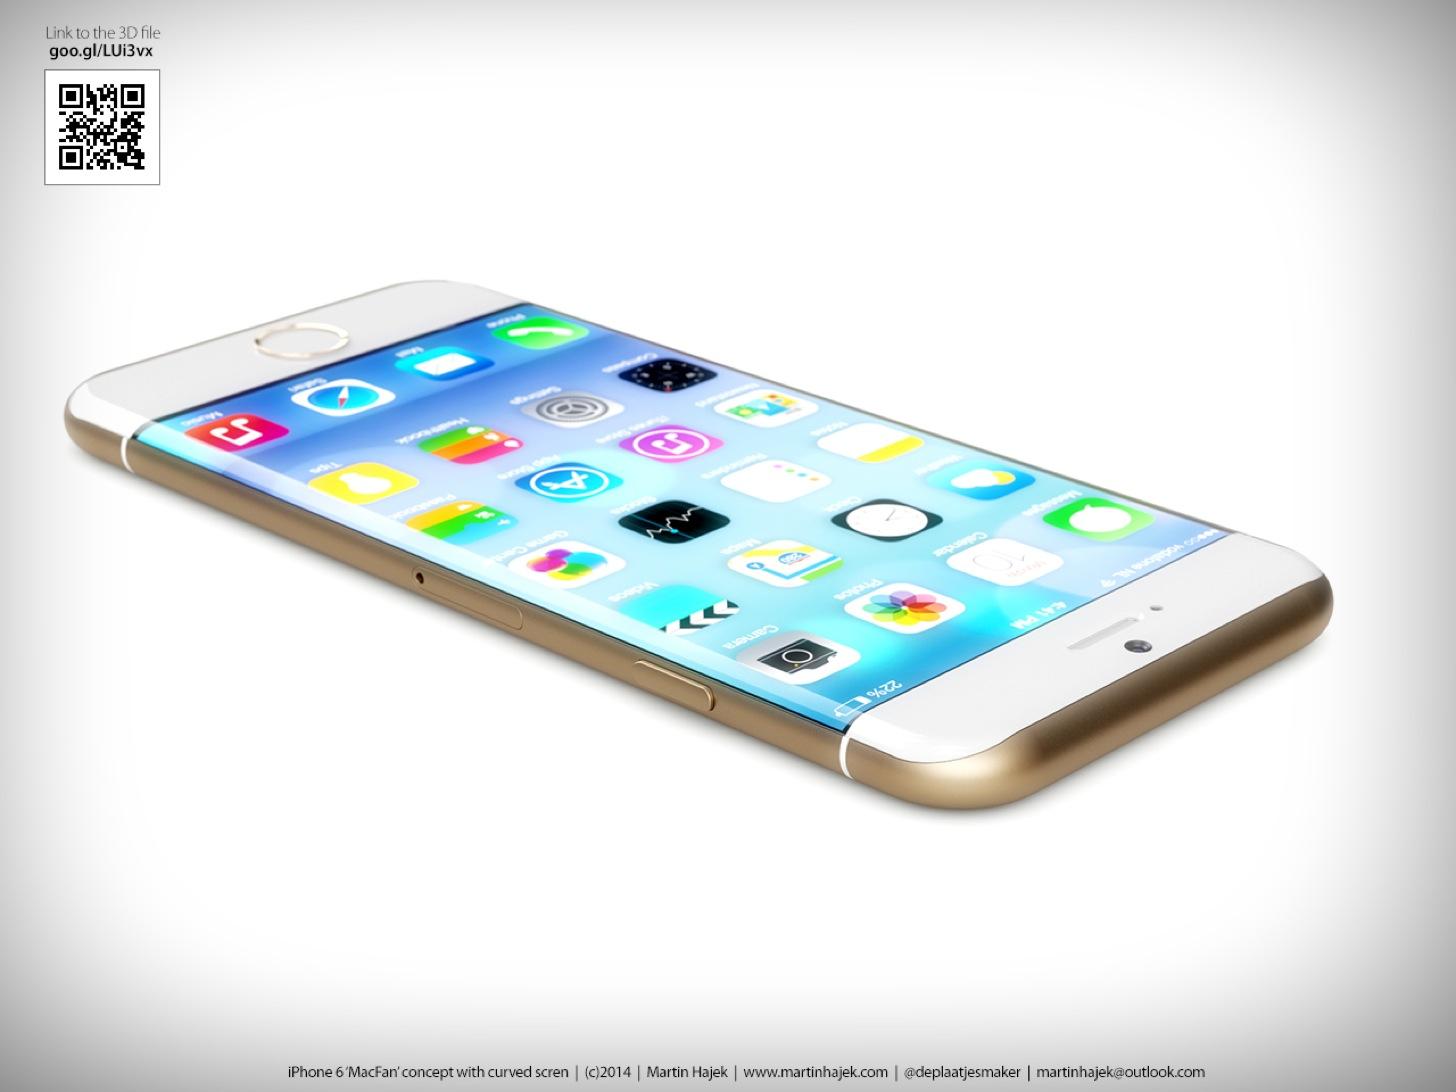 iPhone6の発売日はいつだ!?オランダの予約開始日は2014年9月19日?